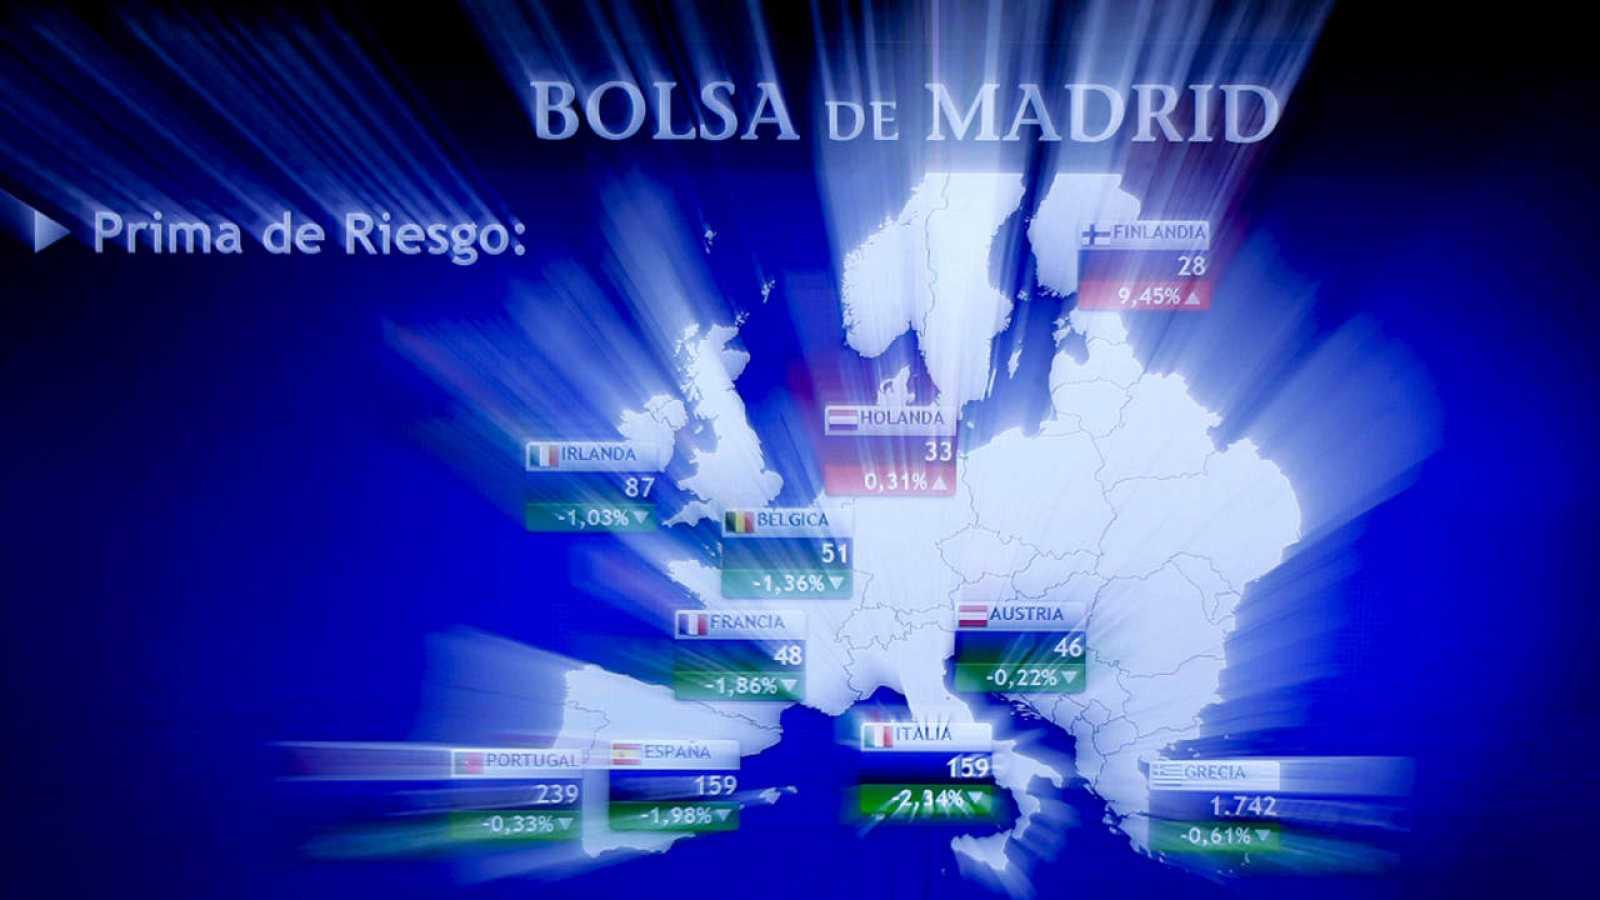 Panel indicativo con las primas de riesgo en la Bolsa de Madrid